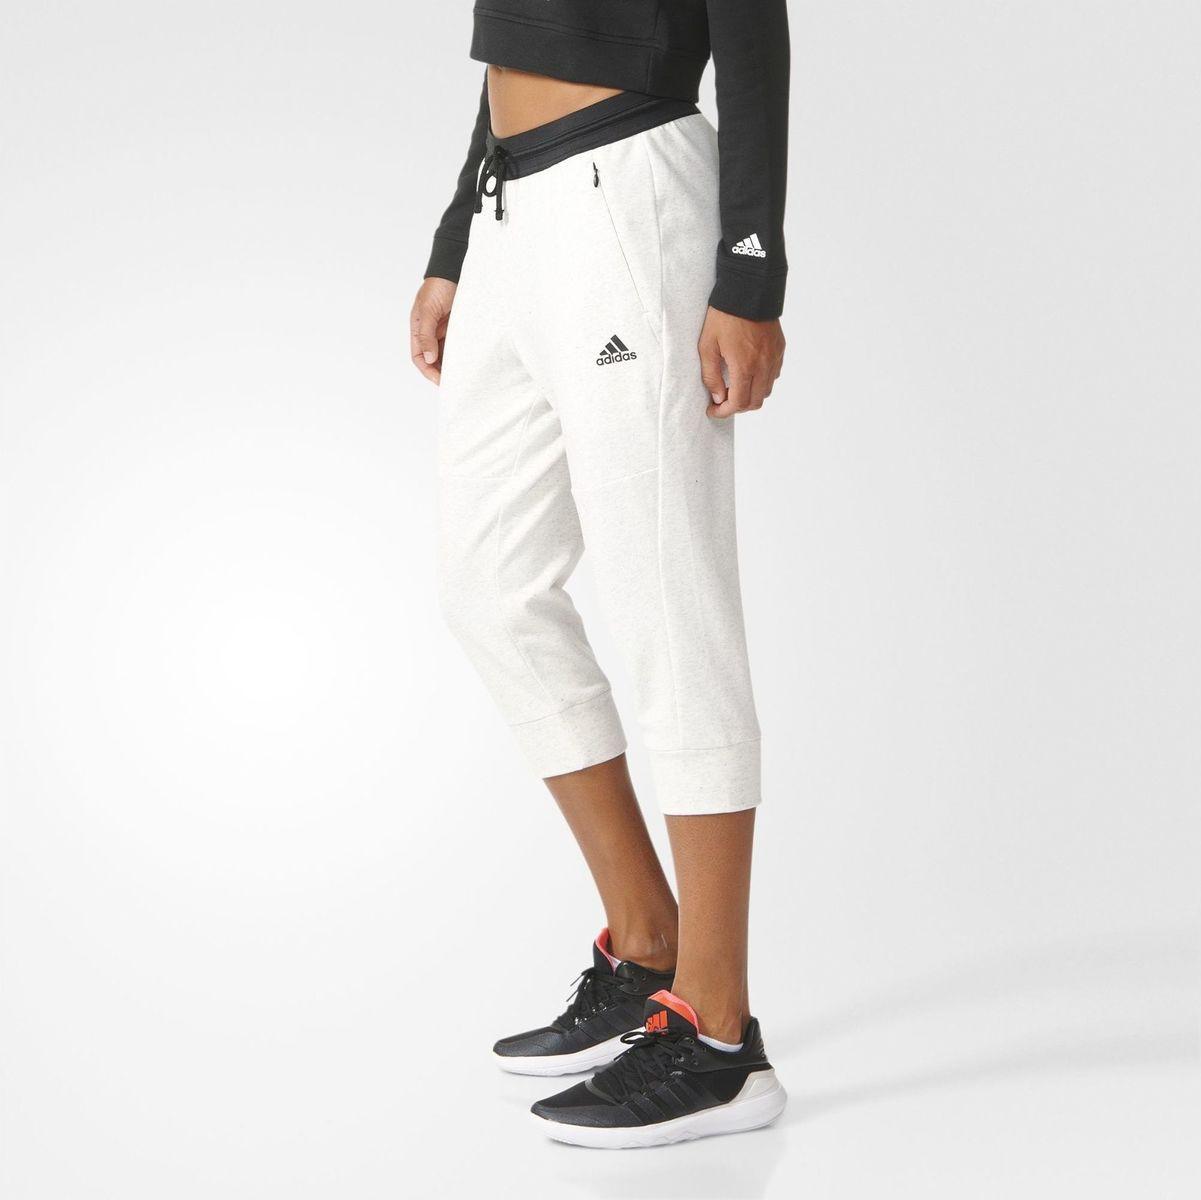 Ventes privées Adidas pantalon 34 pour Femme Ventes privées